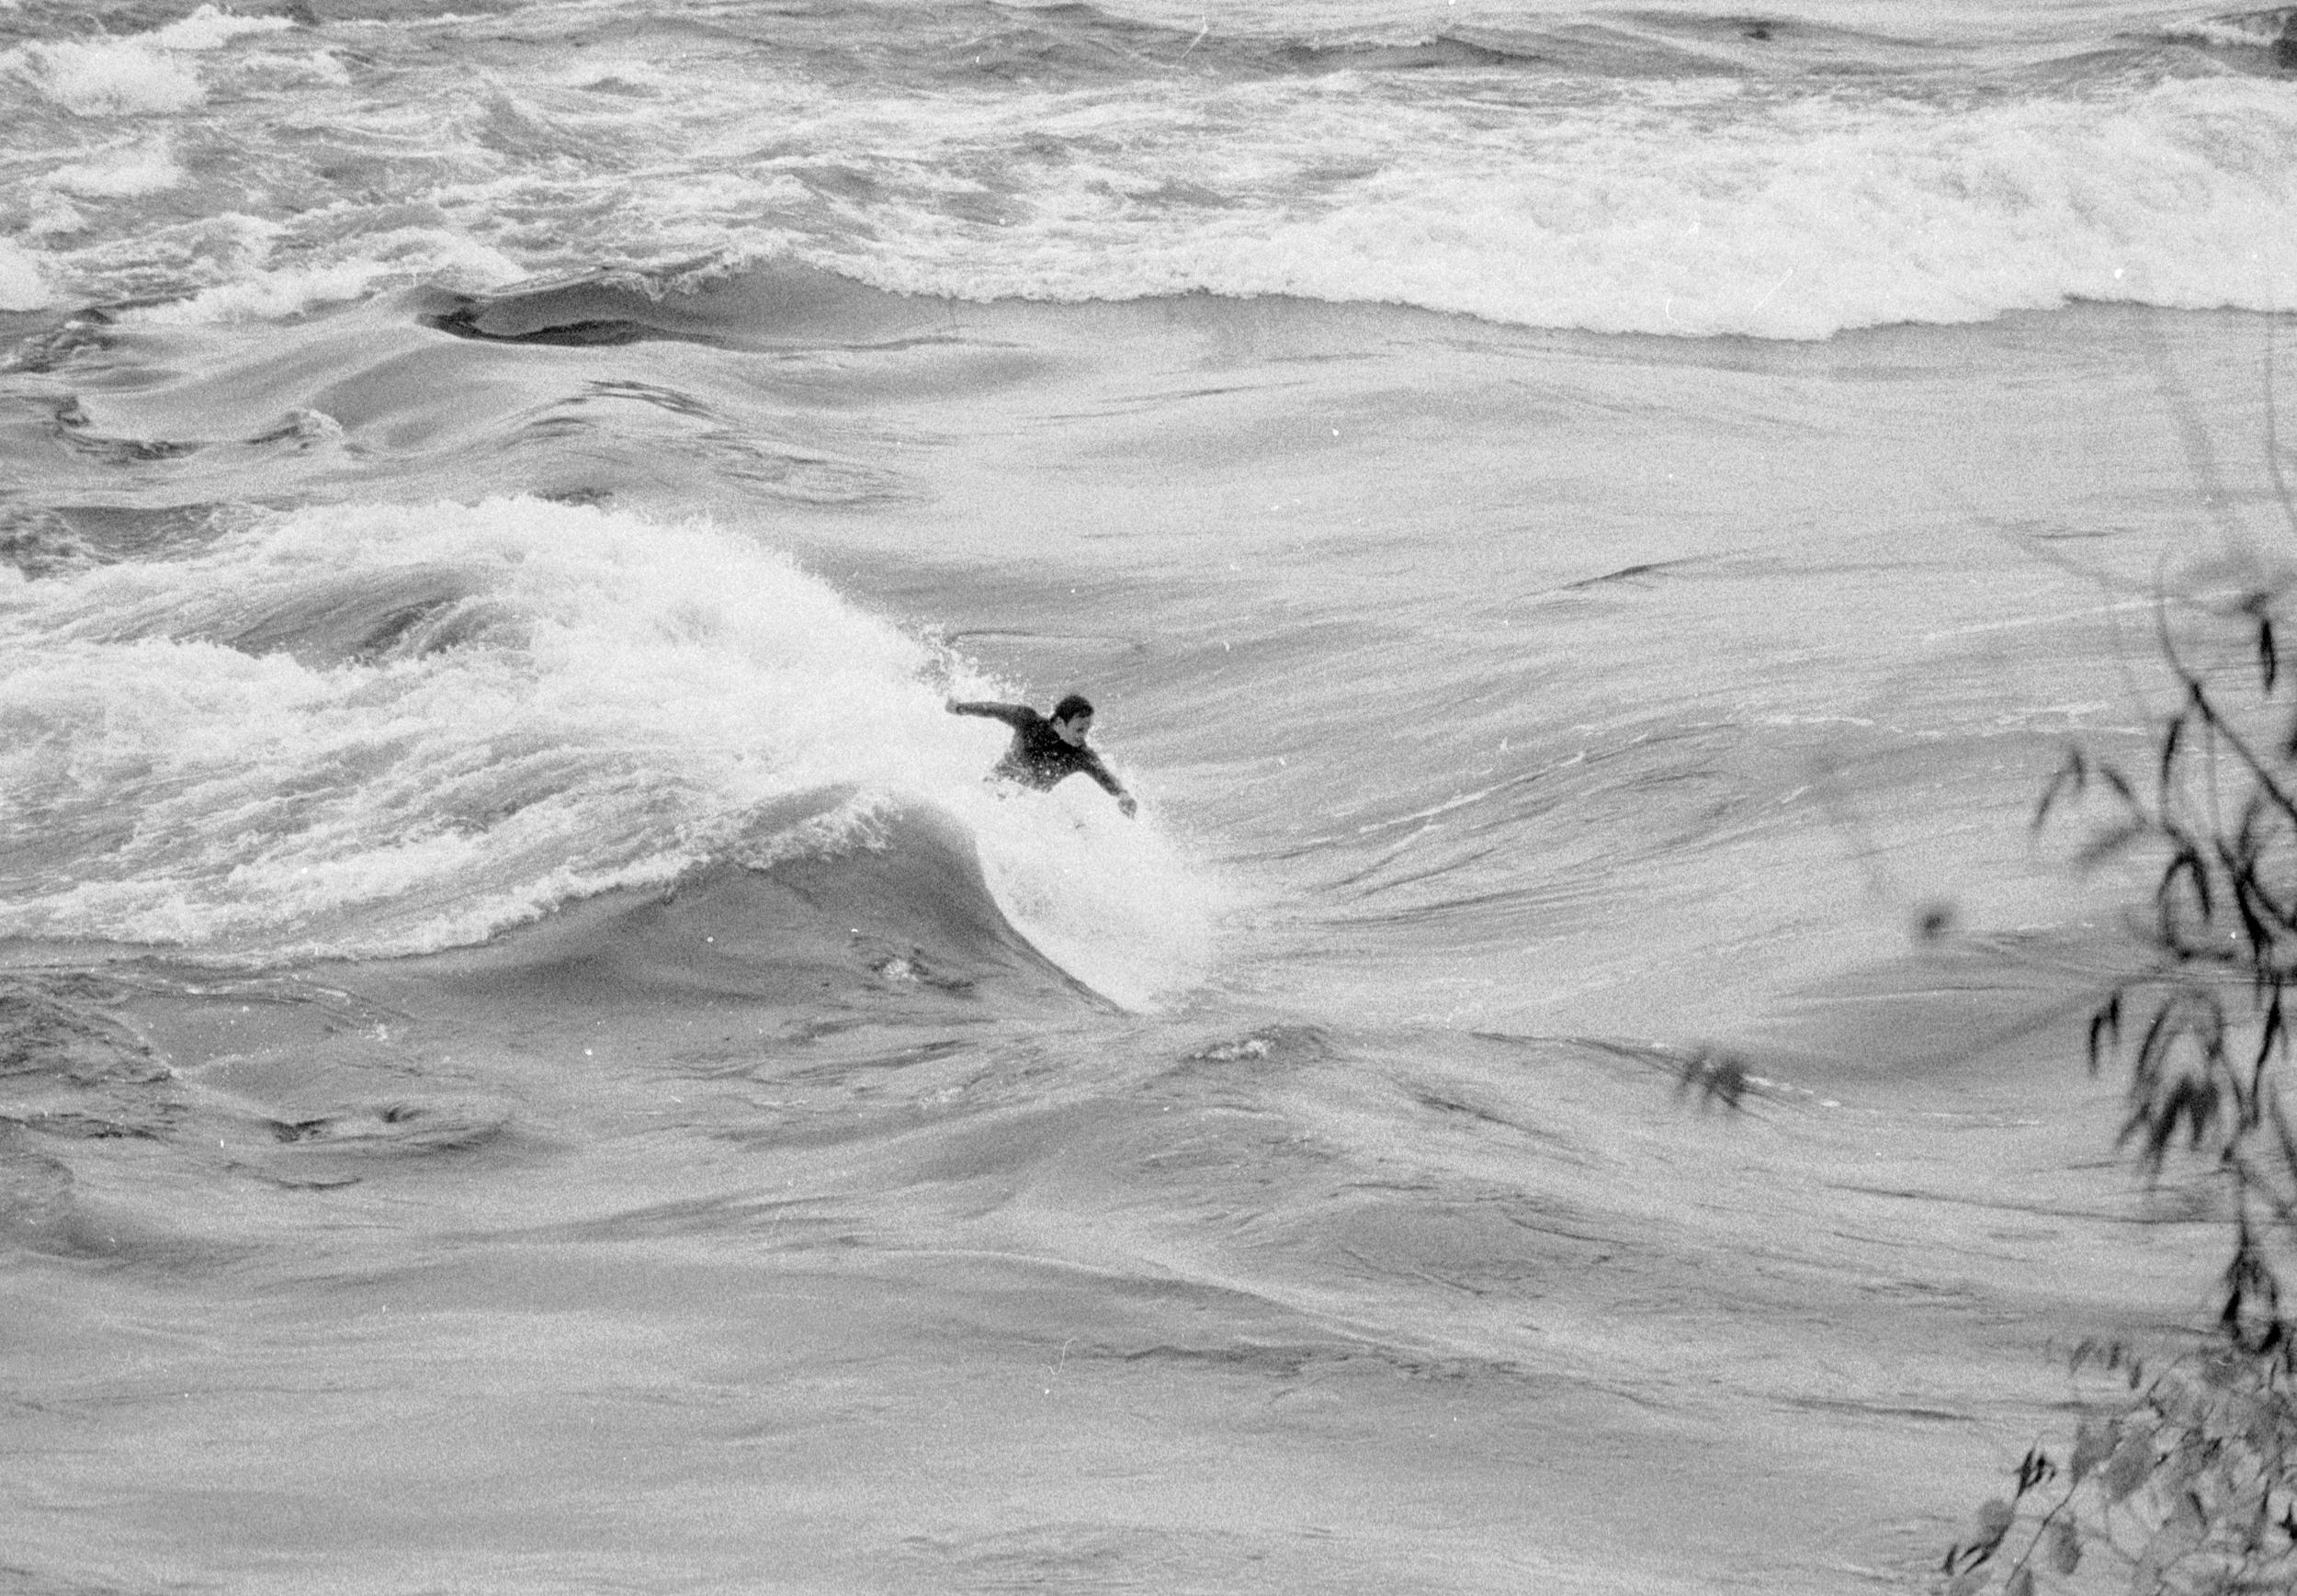 surfing_oct-6.jpg